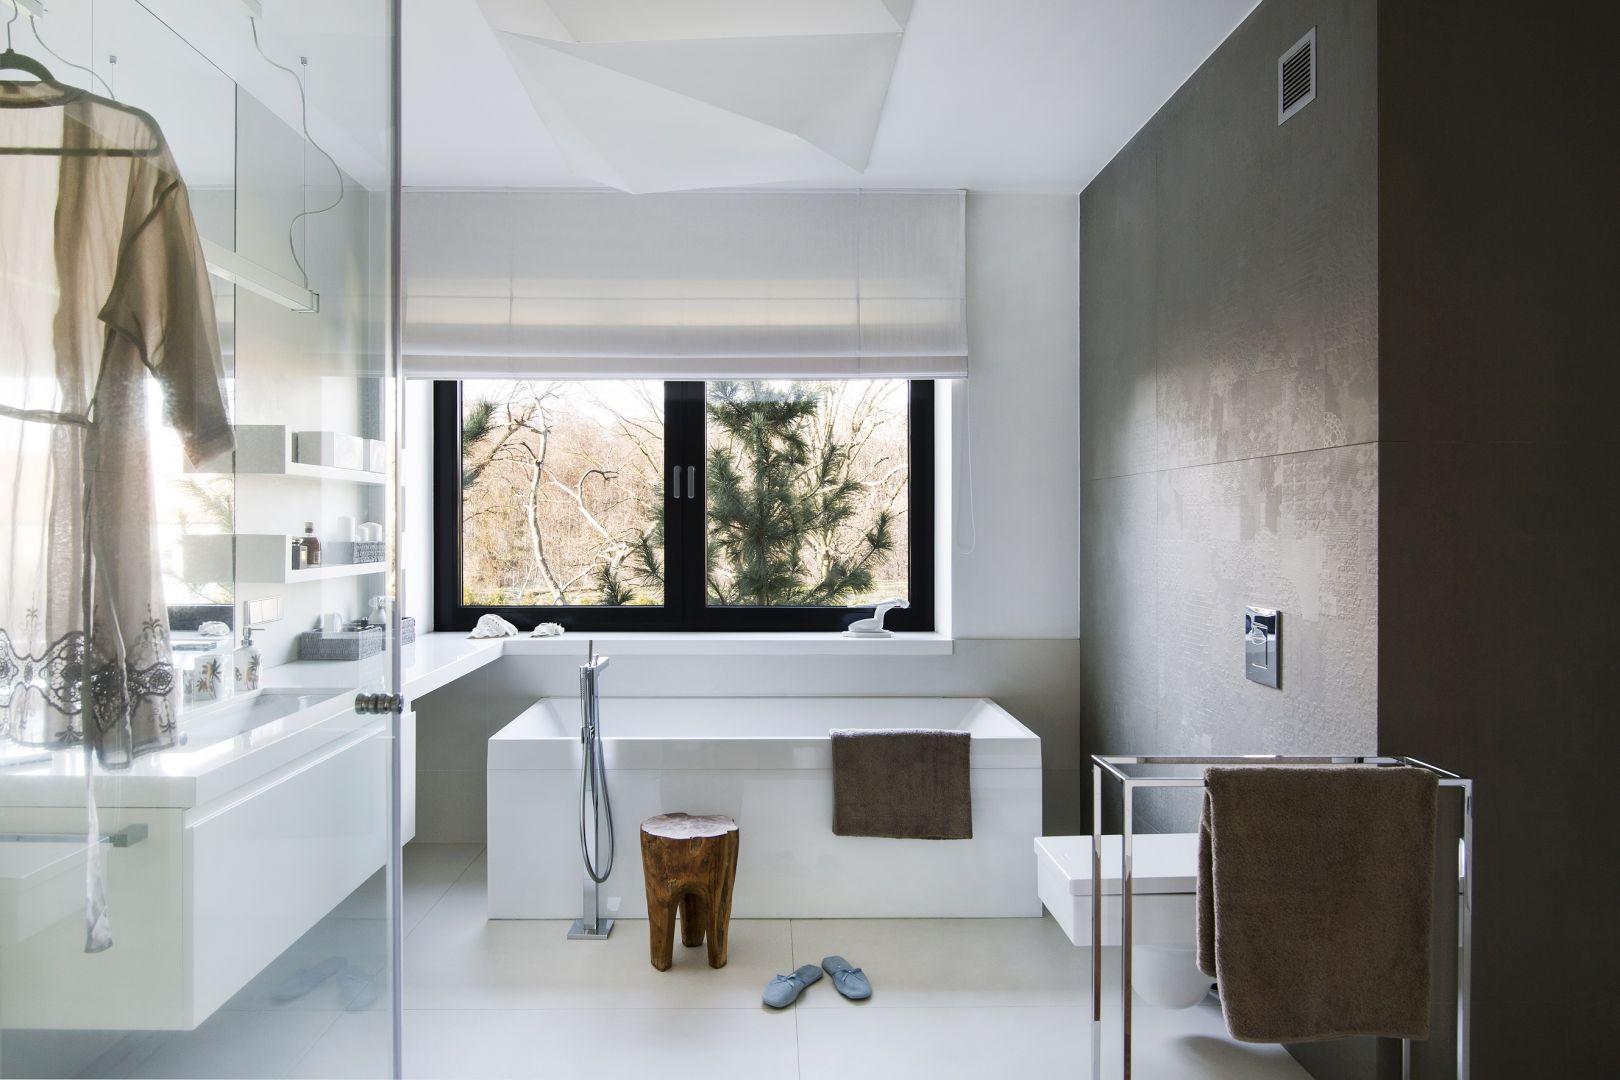 Salon kąpielowy w stylu loft. Proj. Anna Koszela. Fot. Rafał Lipski